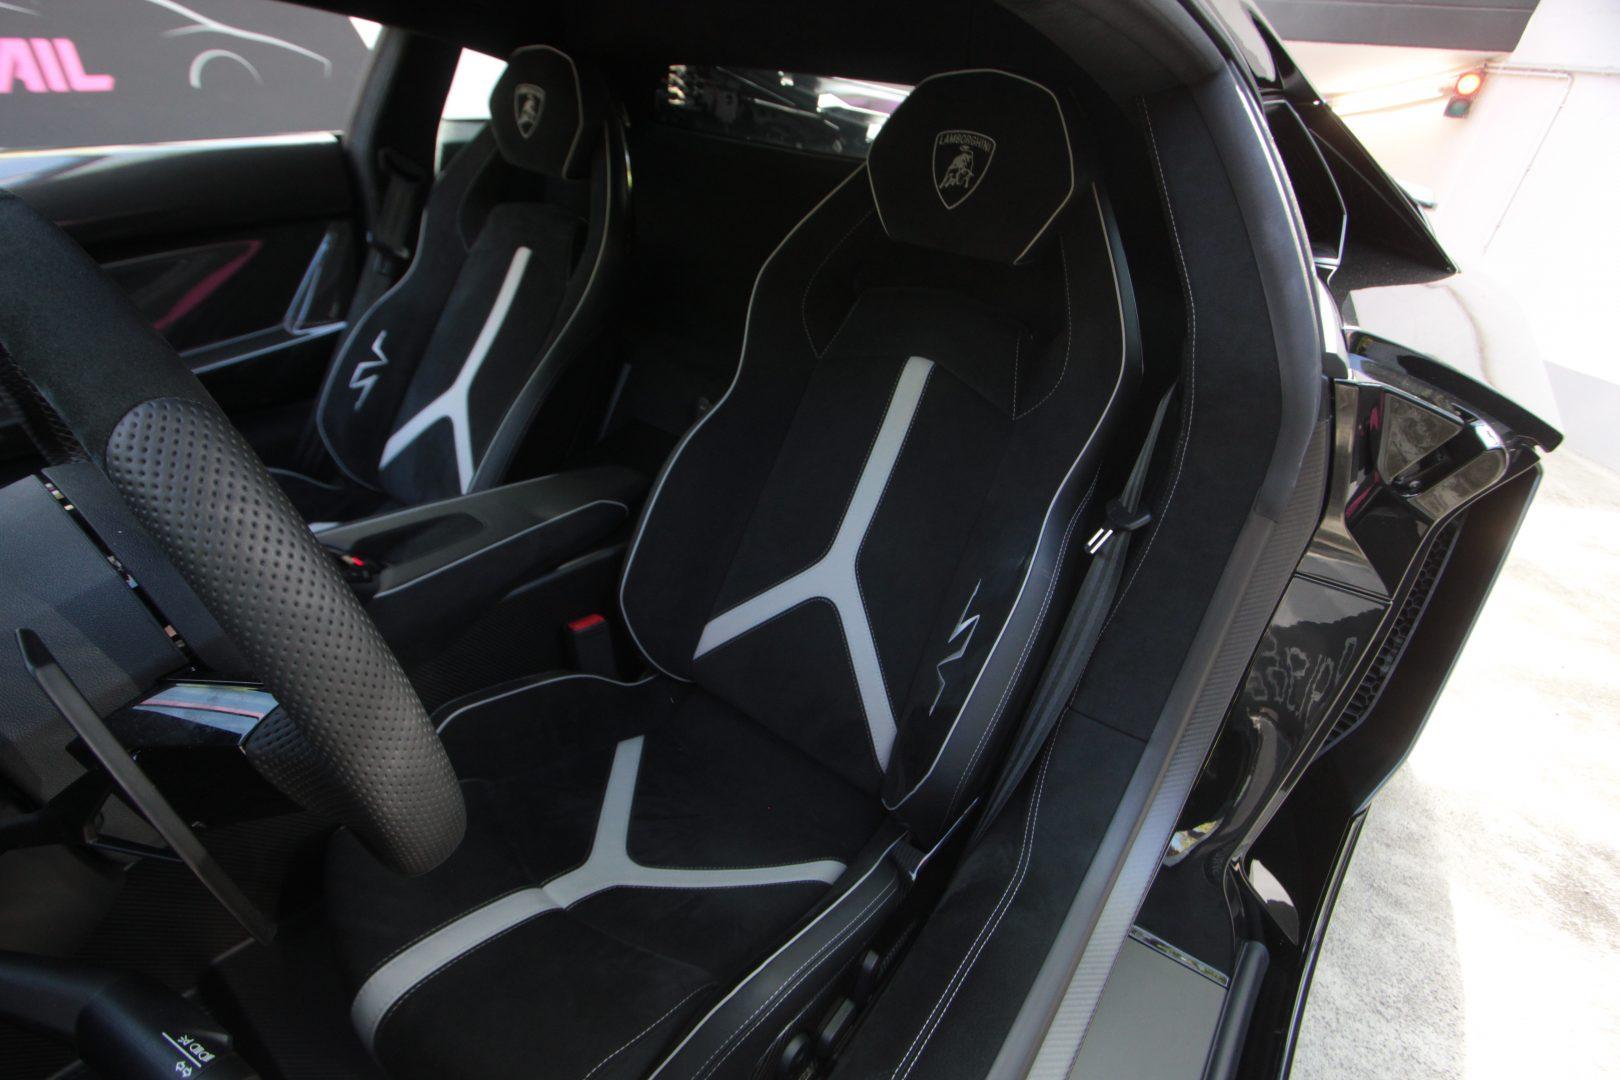 AIL Lamborghini Aventador LP750-4 SV Superveloce  10